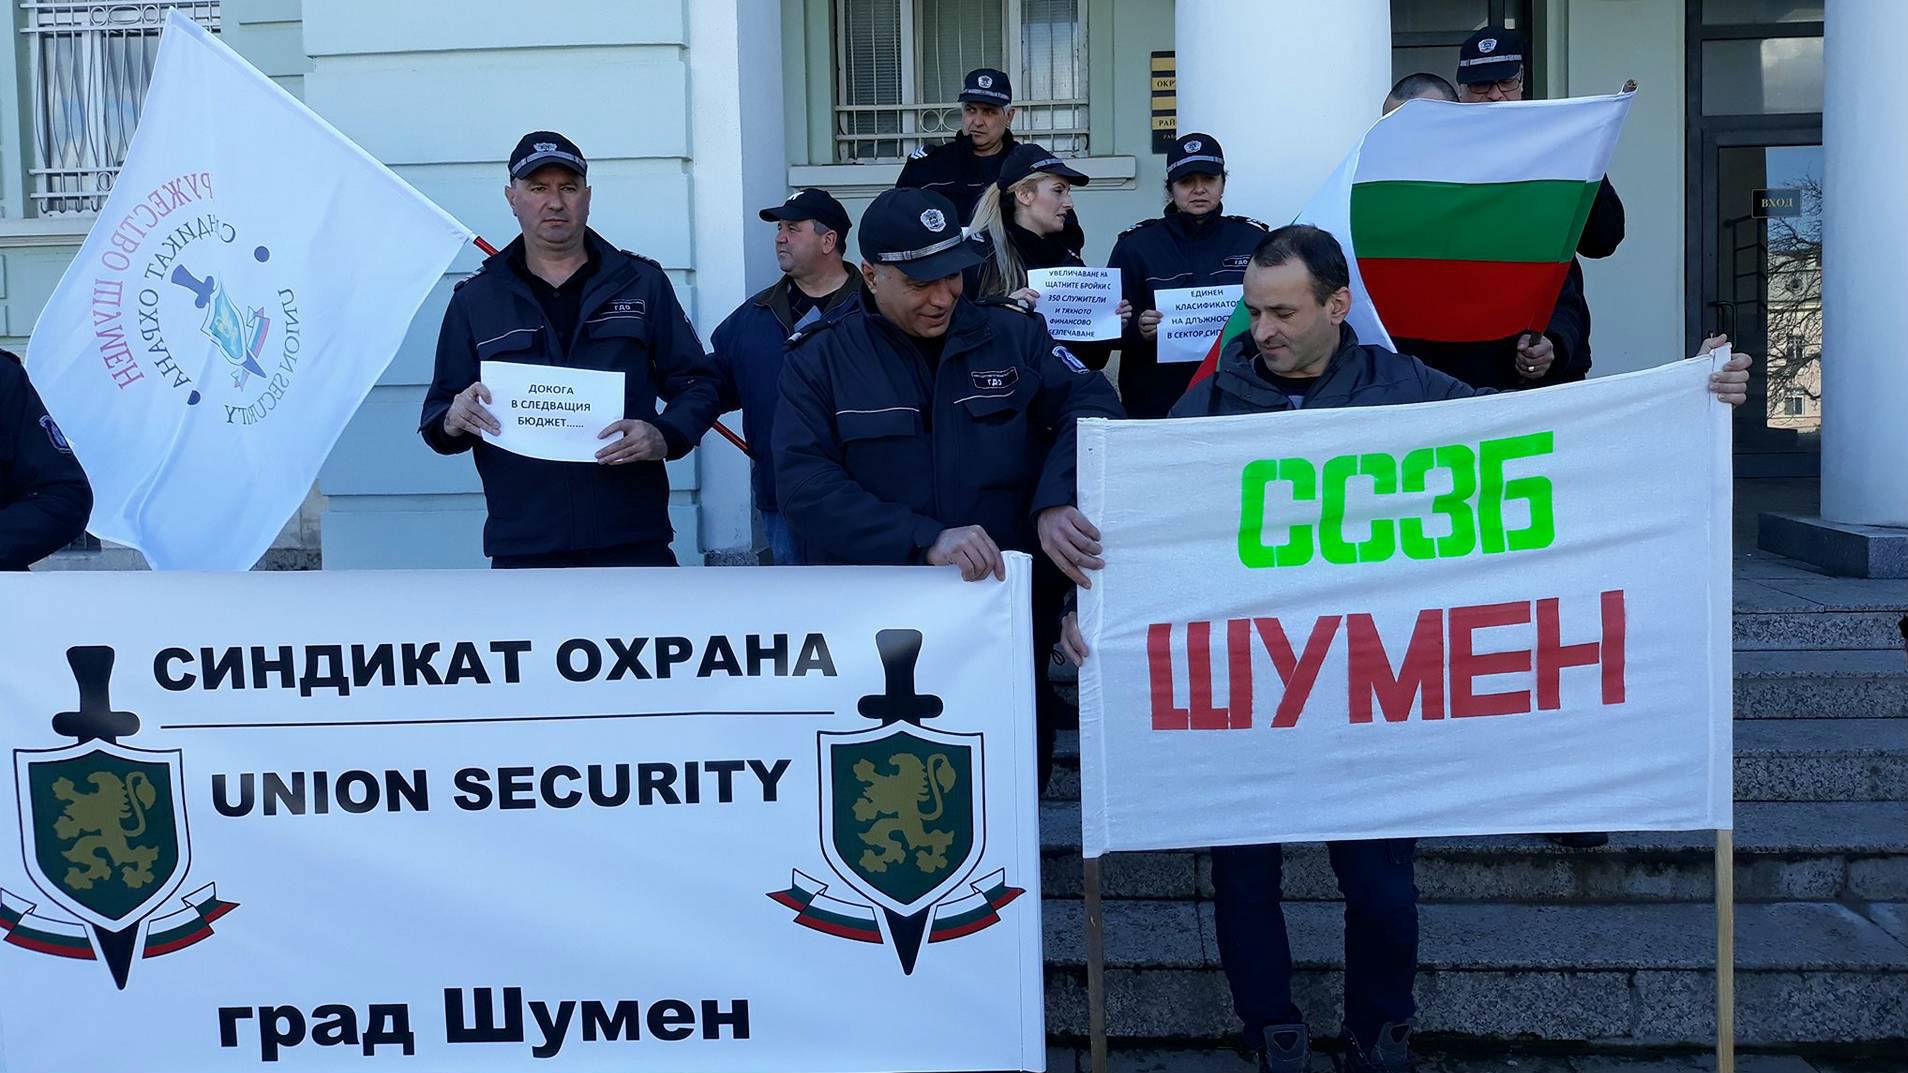 Пореден протест на надзирателите пред Съдебната палата в Шумен.